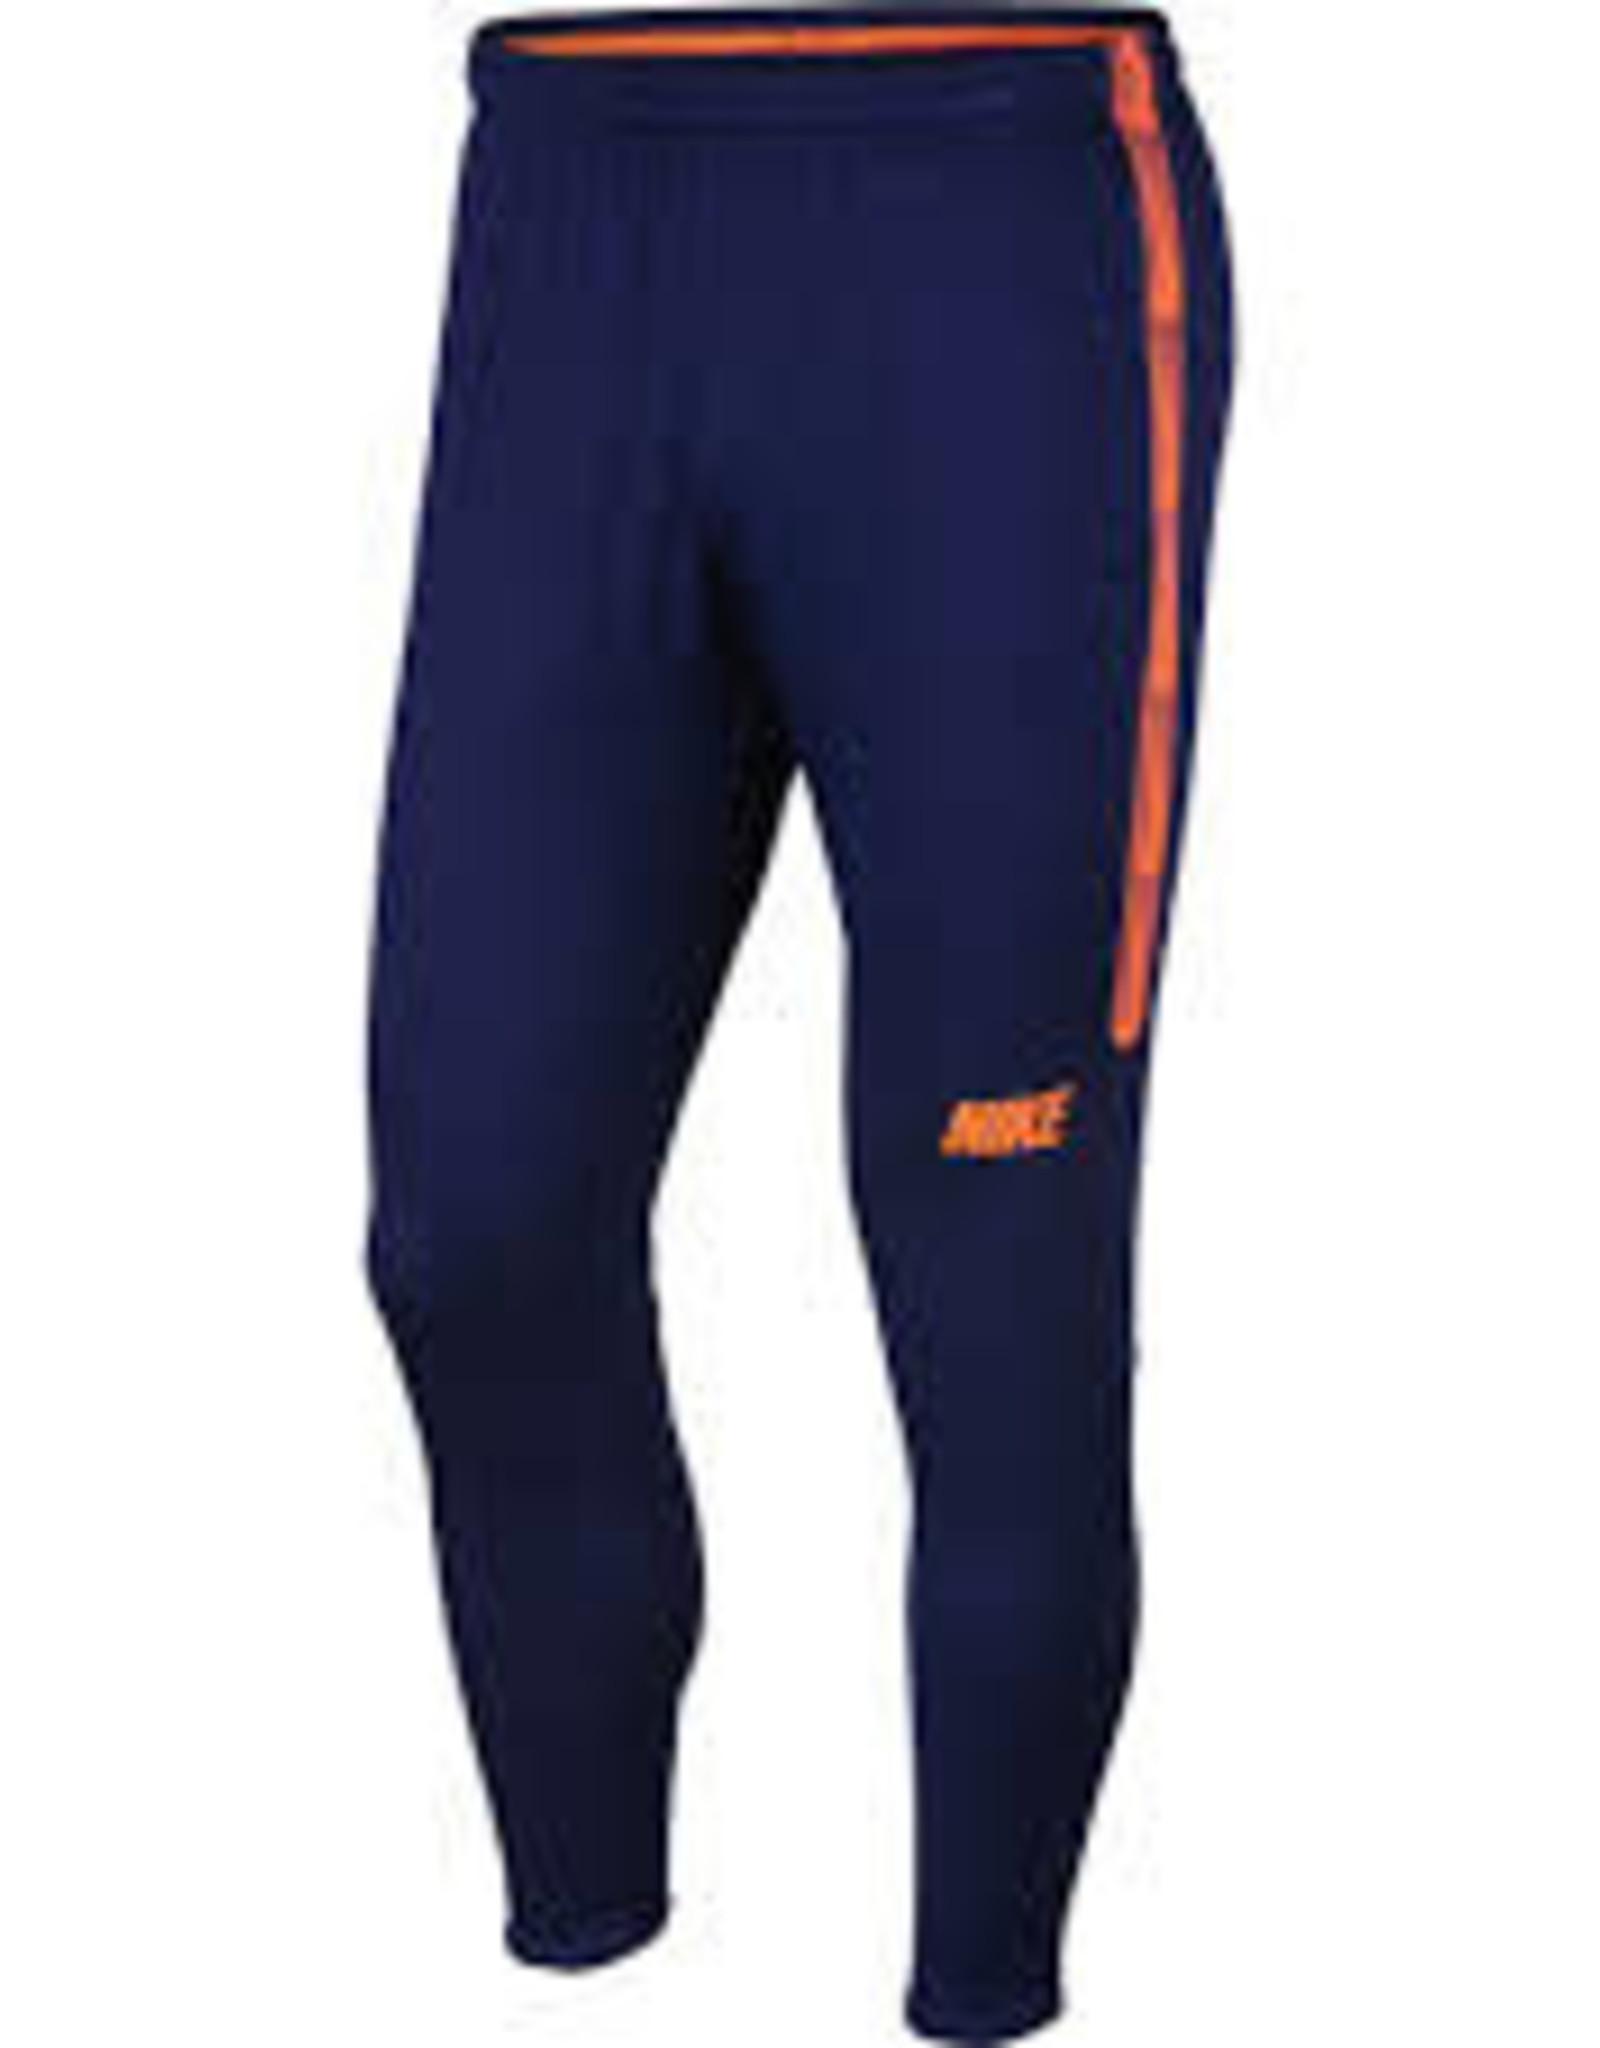 Nike Nike broek sr bq3774